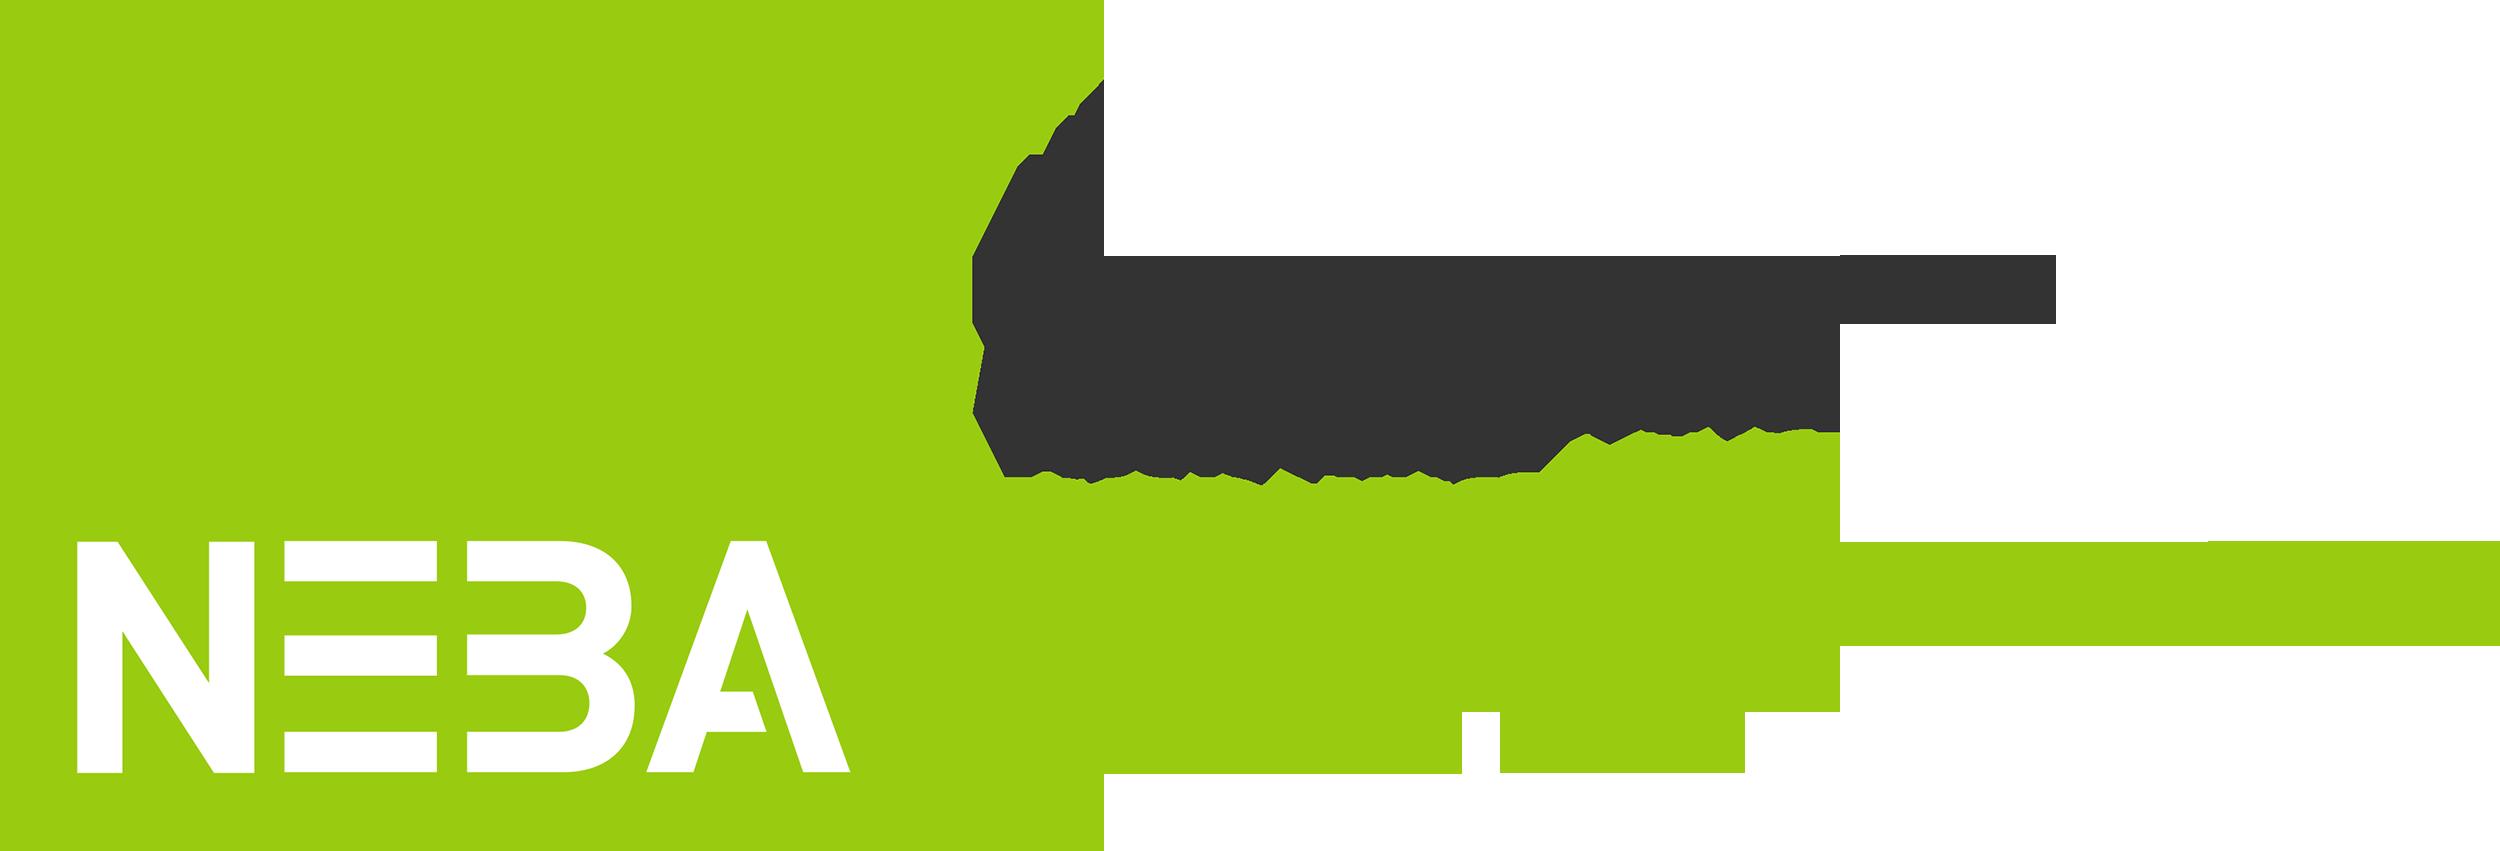 Neba Berufsausbildungsassistenz - Logo